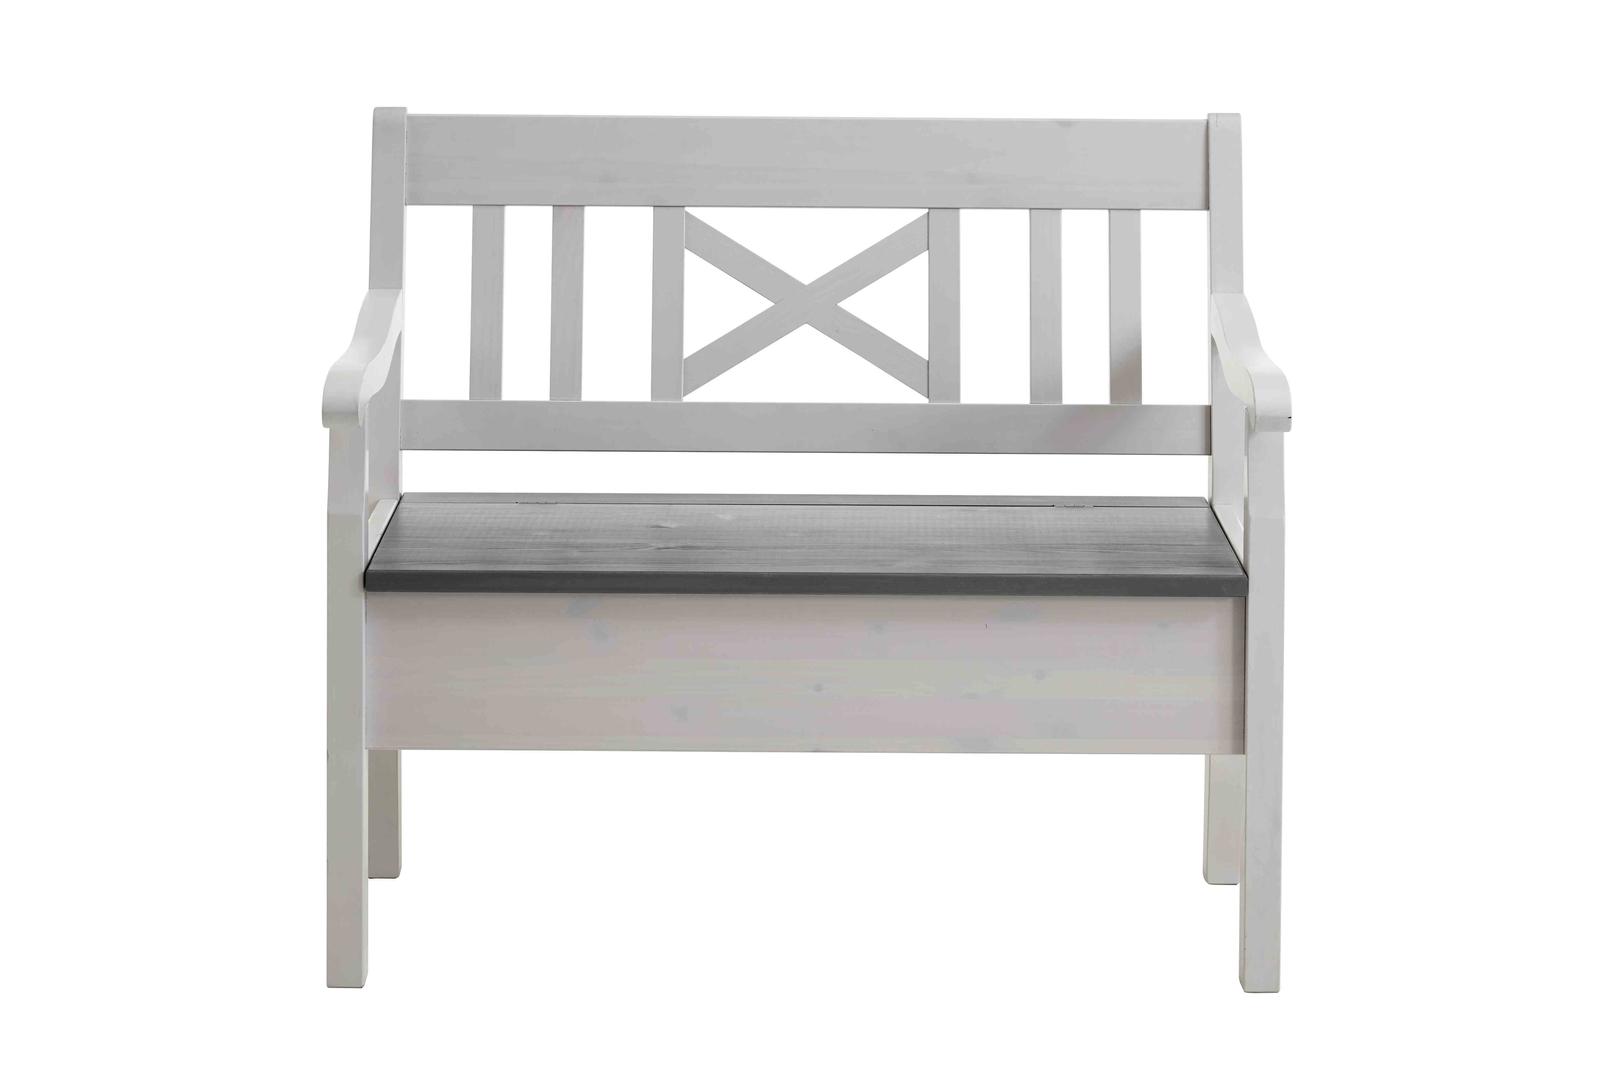 Sitzbank Fjord 105 cm mit Armlehnen, Bild 2